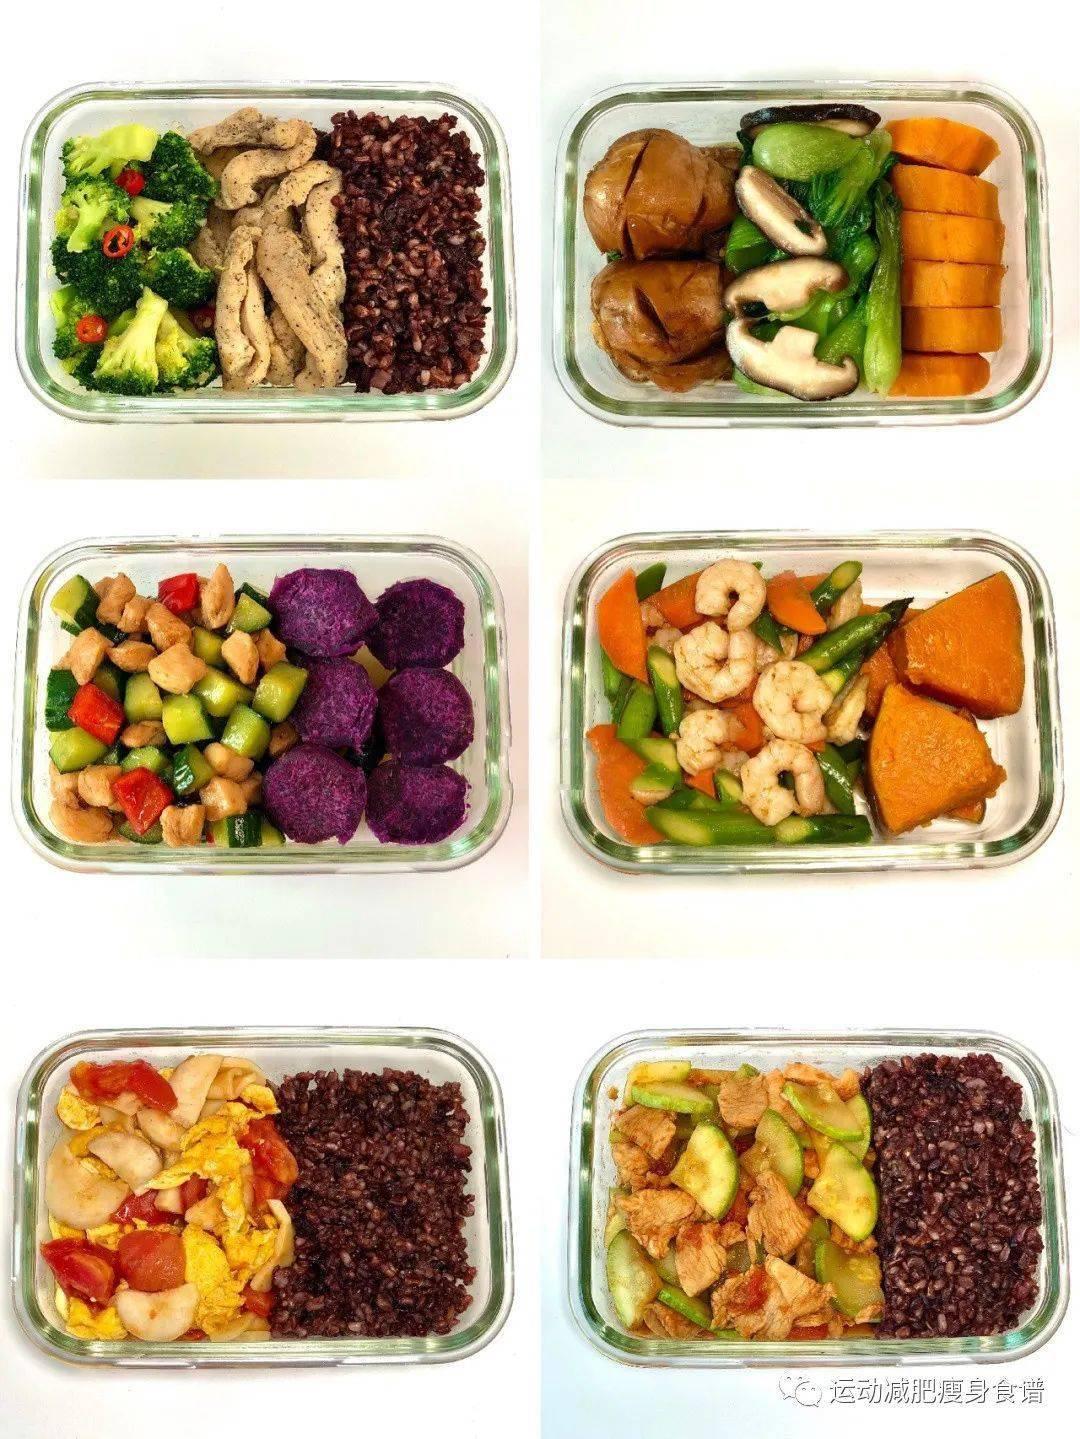 一周营养减肥食谱_一周高效减肥便当食谱,月瘦8-10斤!瘦30斤_早餐